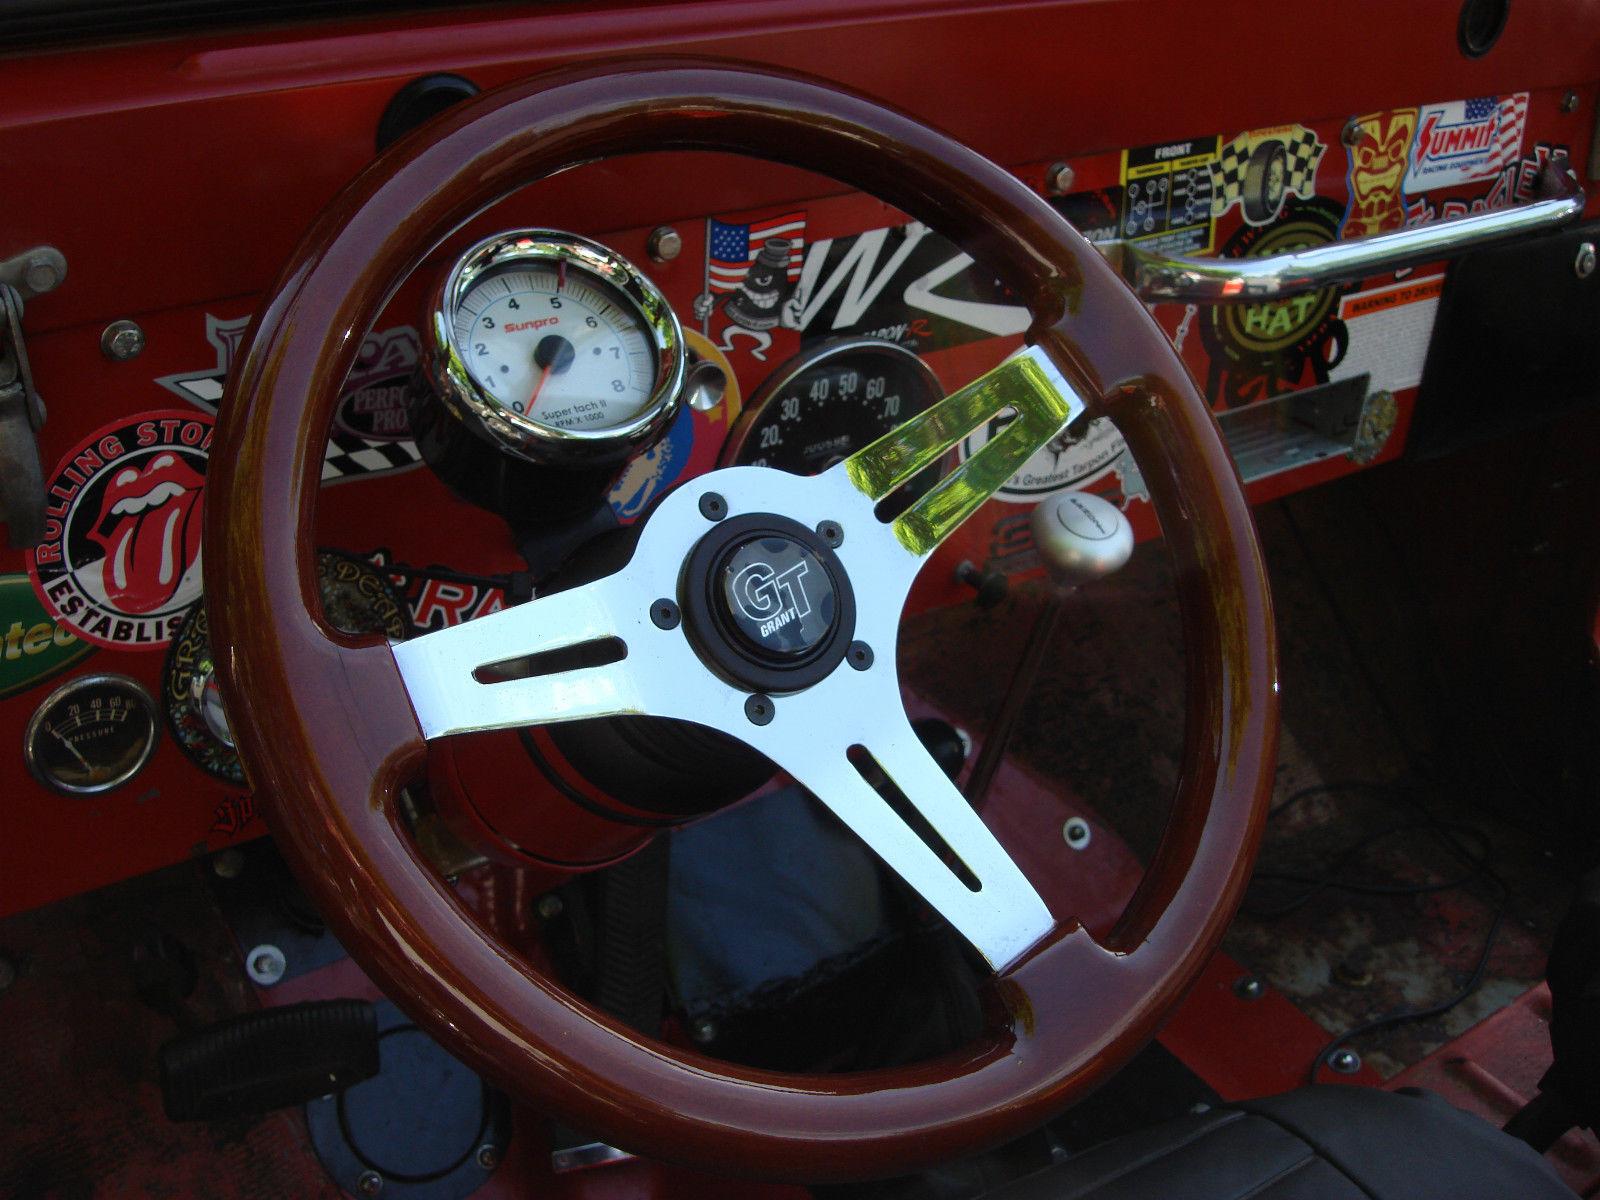 1981 jeep cj tail light wiring diagram ez go wire 1979 cj7 headlight switch